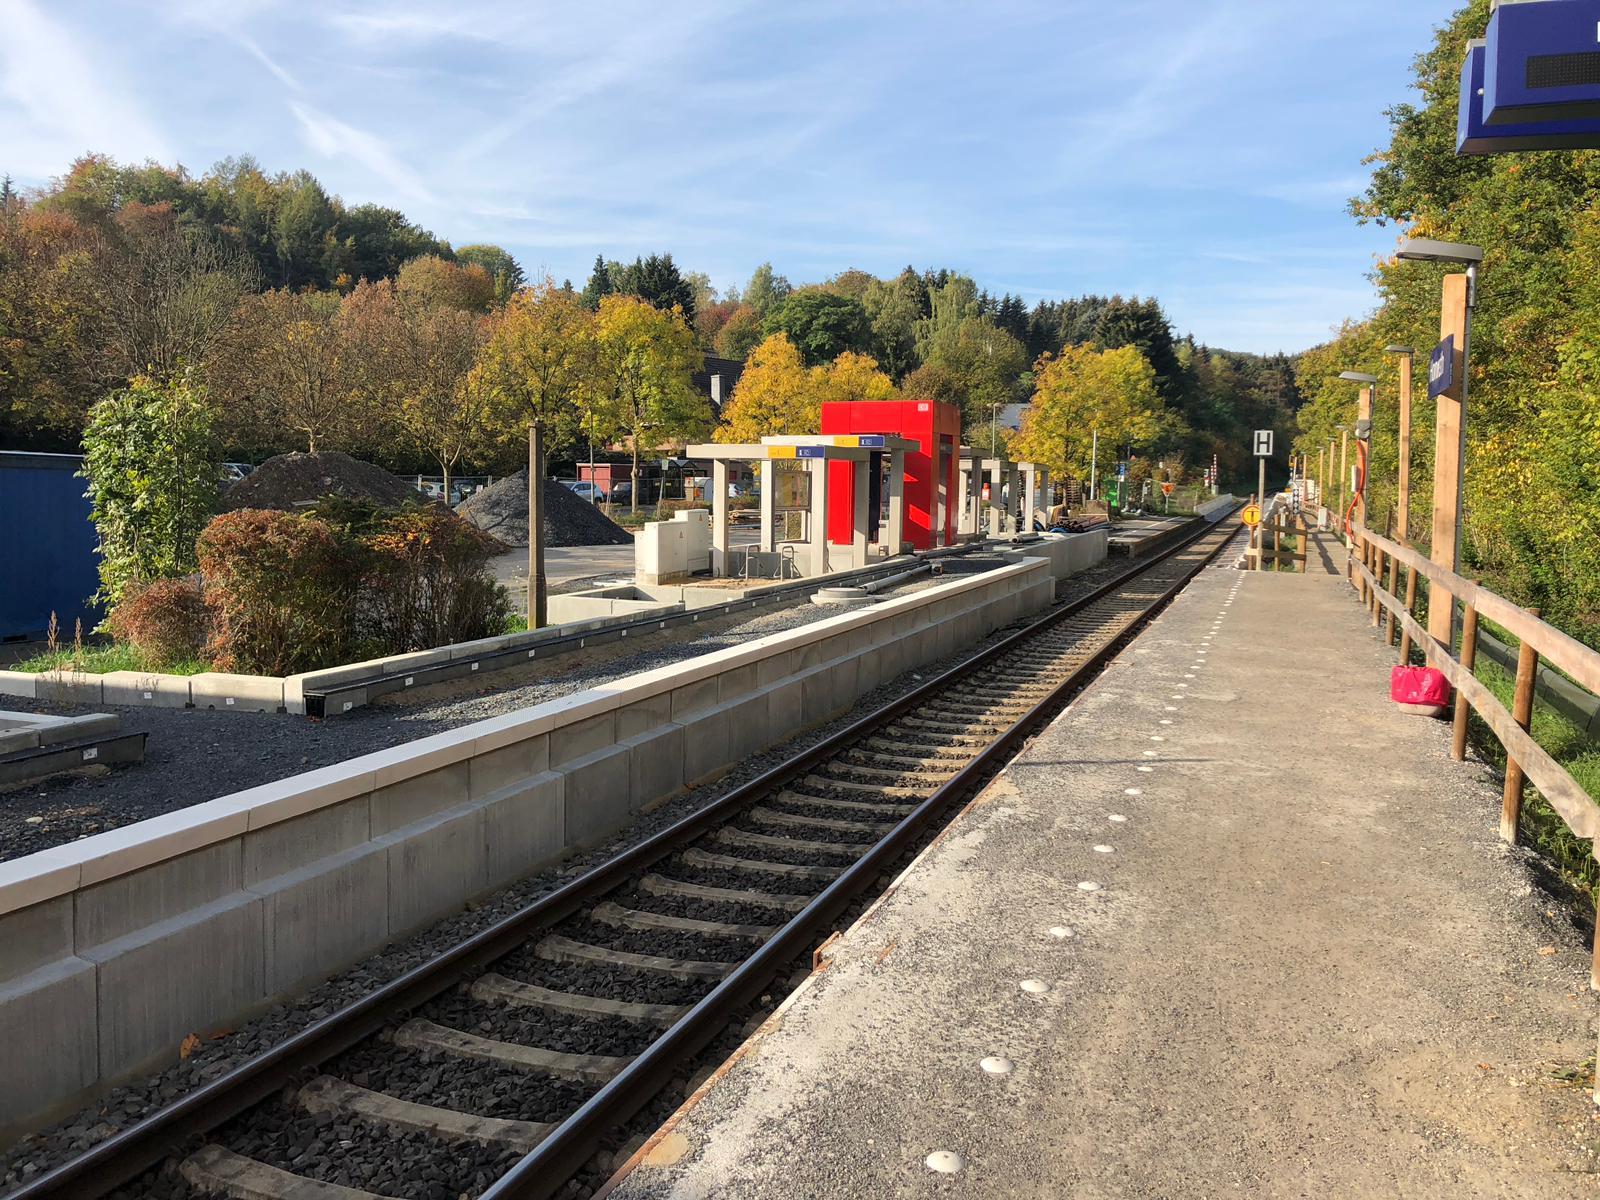 Bauarbeiten am Bahnhof Honrath gehen weiter und sollen am 14.12. beendet sein